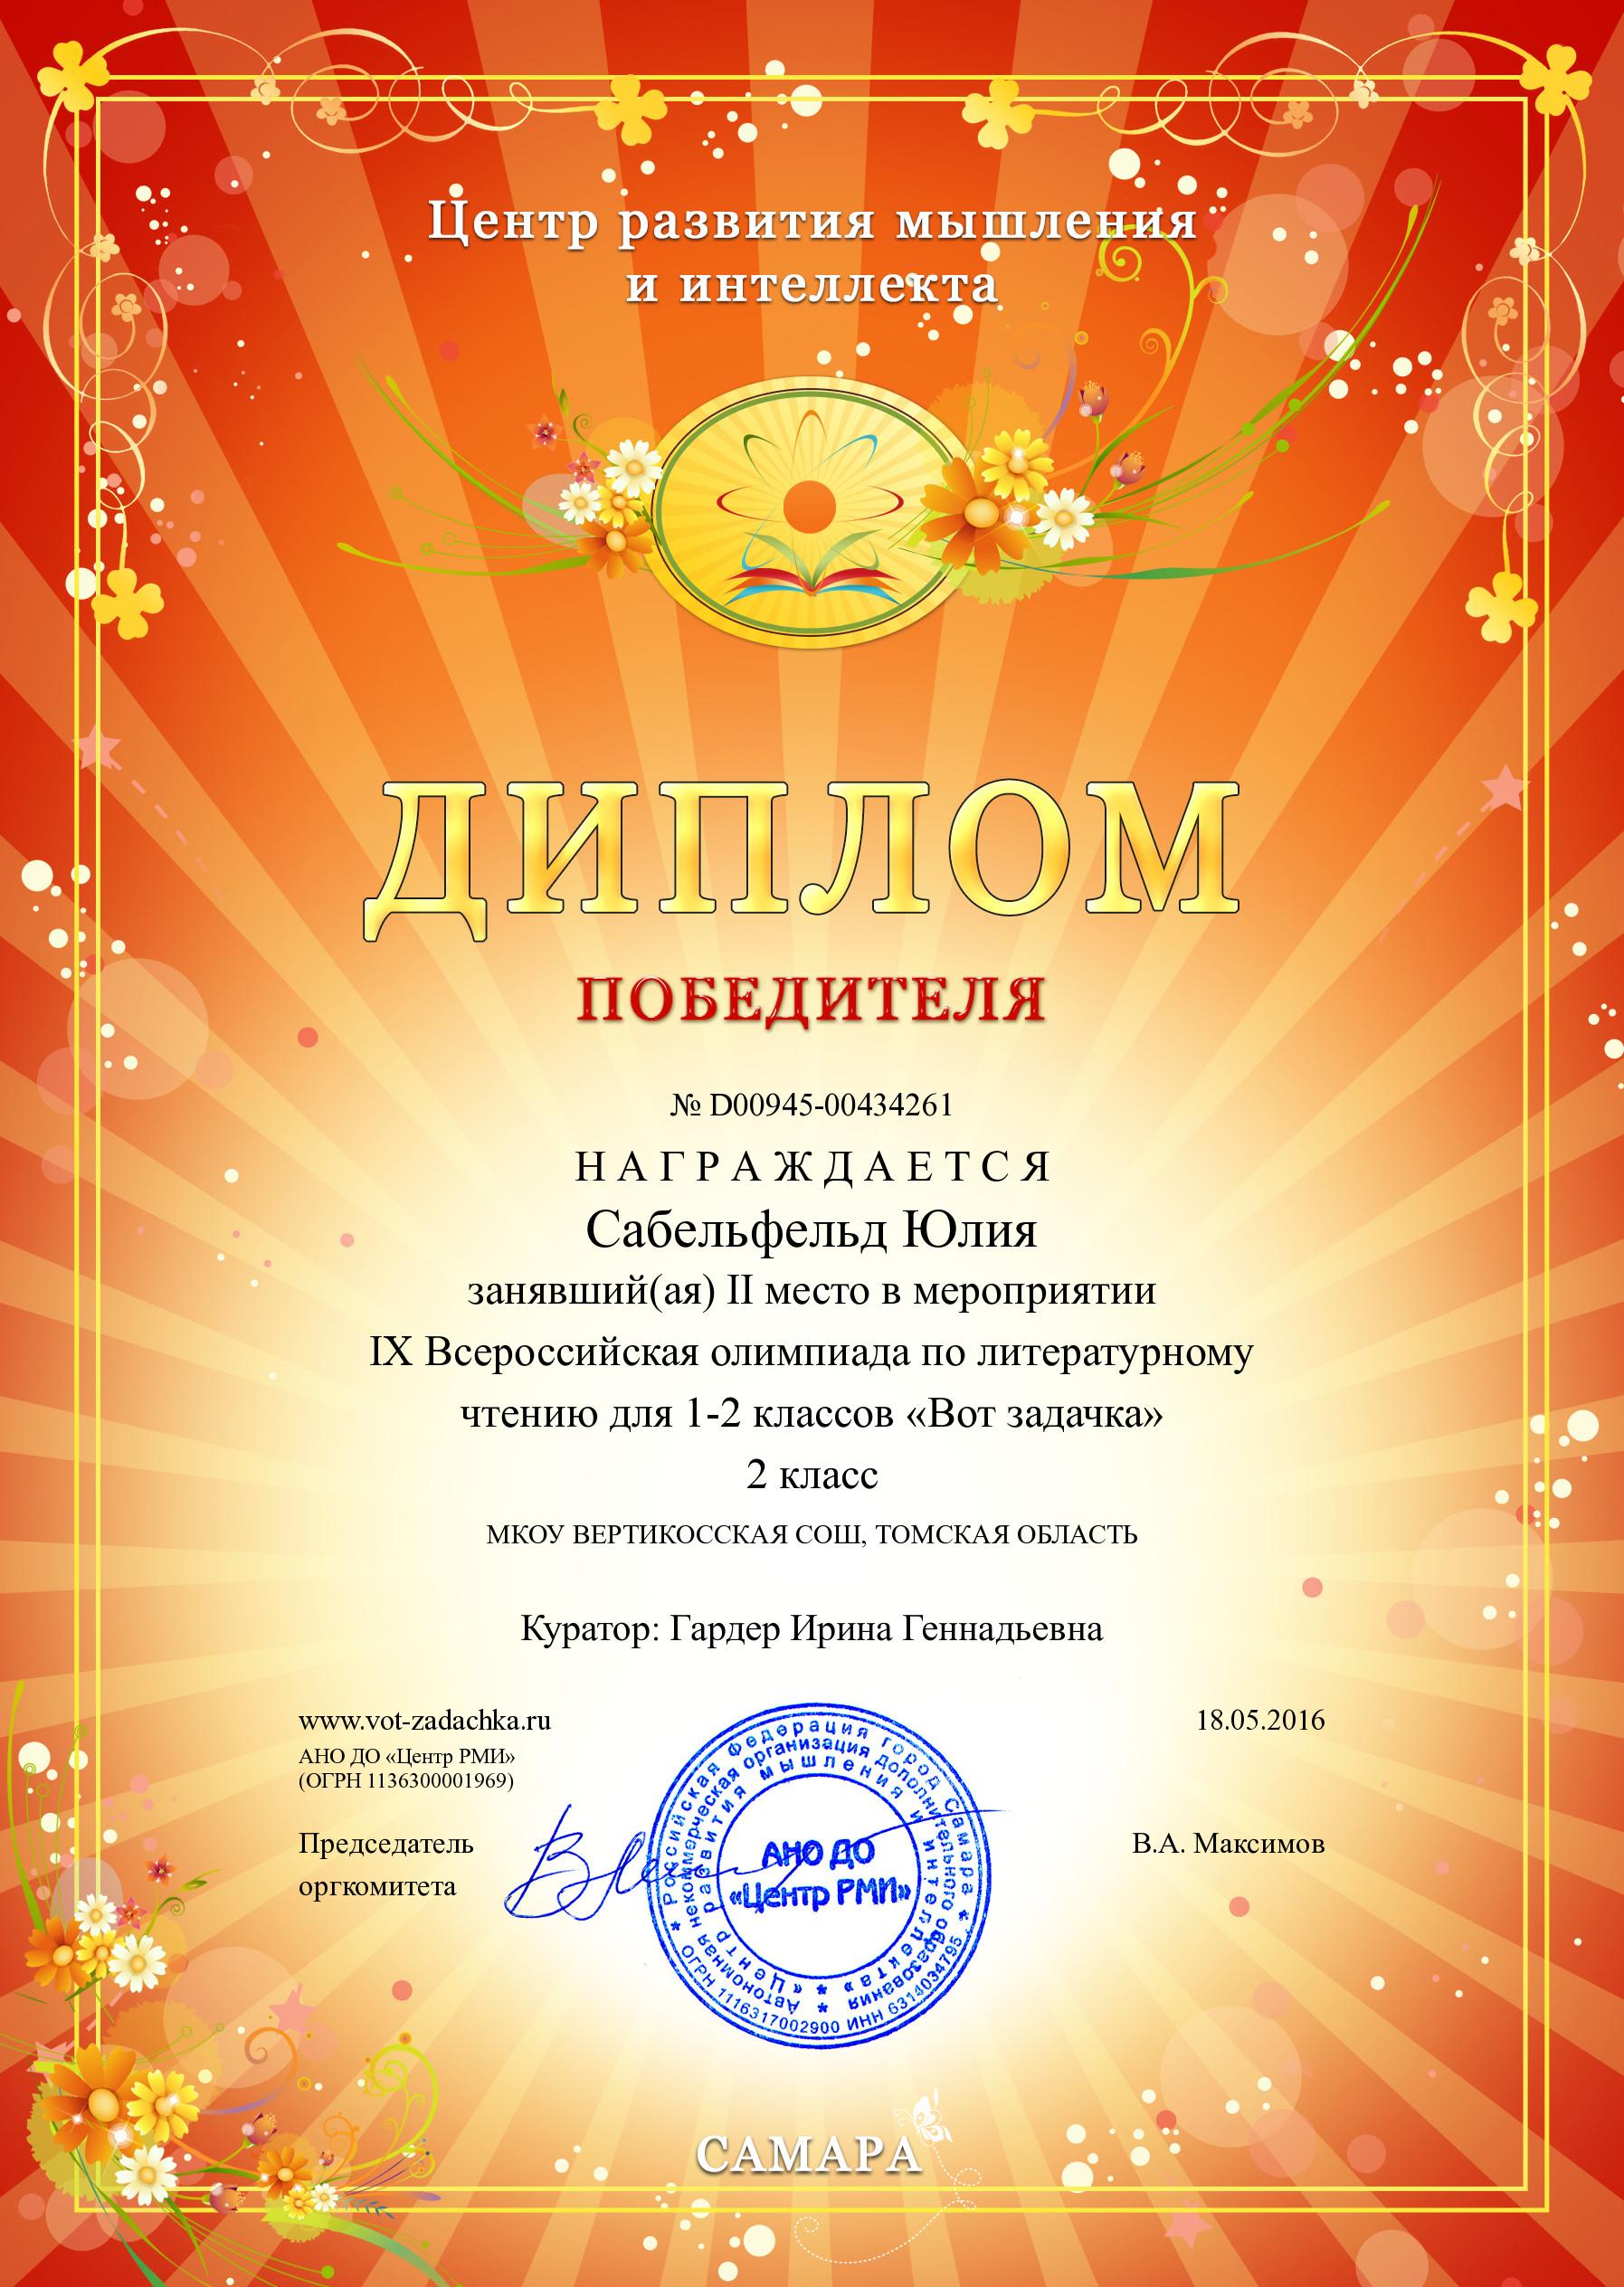 Всероссийский конкурс летние впечатления